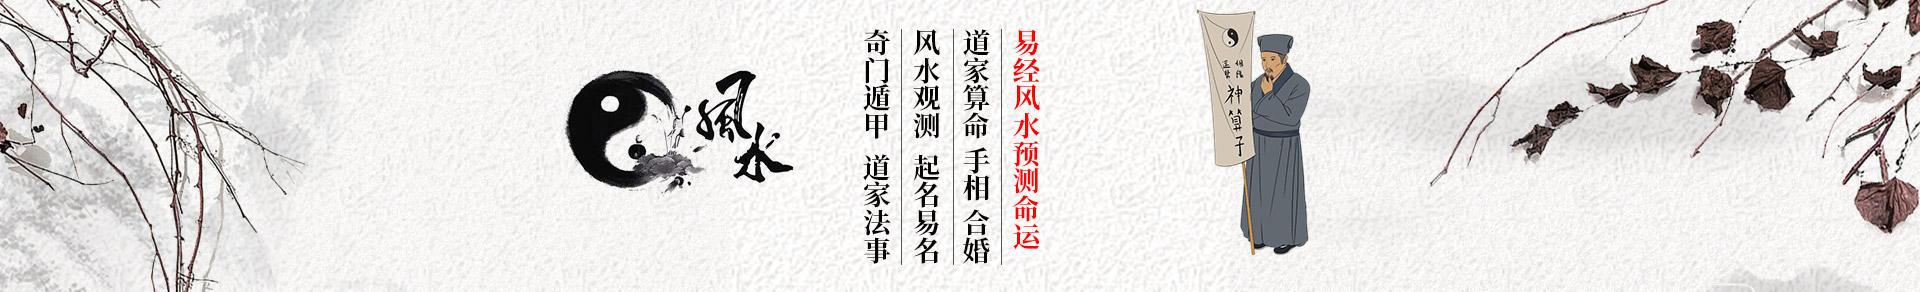 重庆风水大师